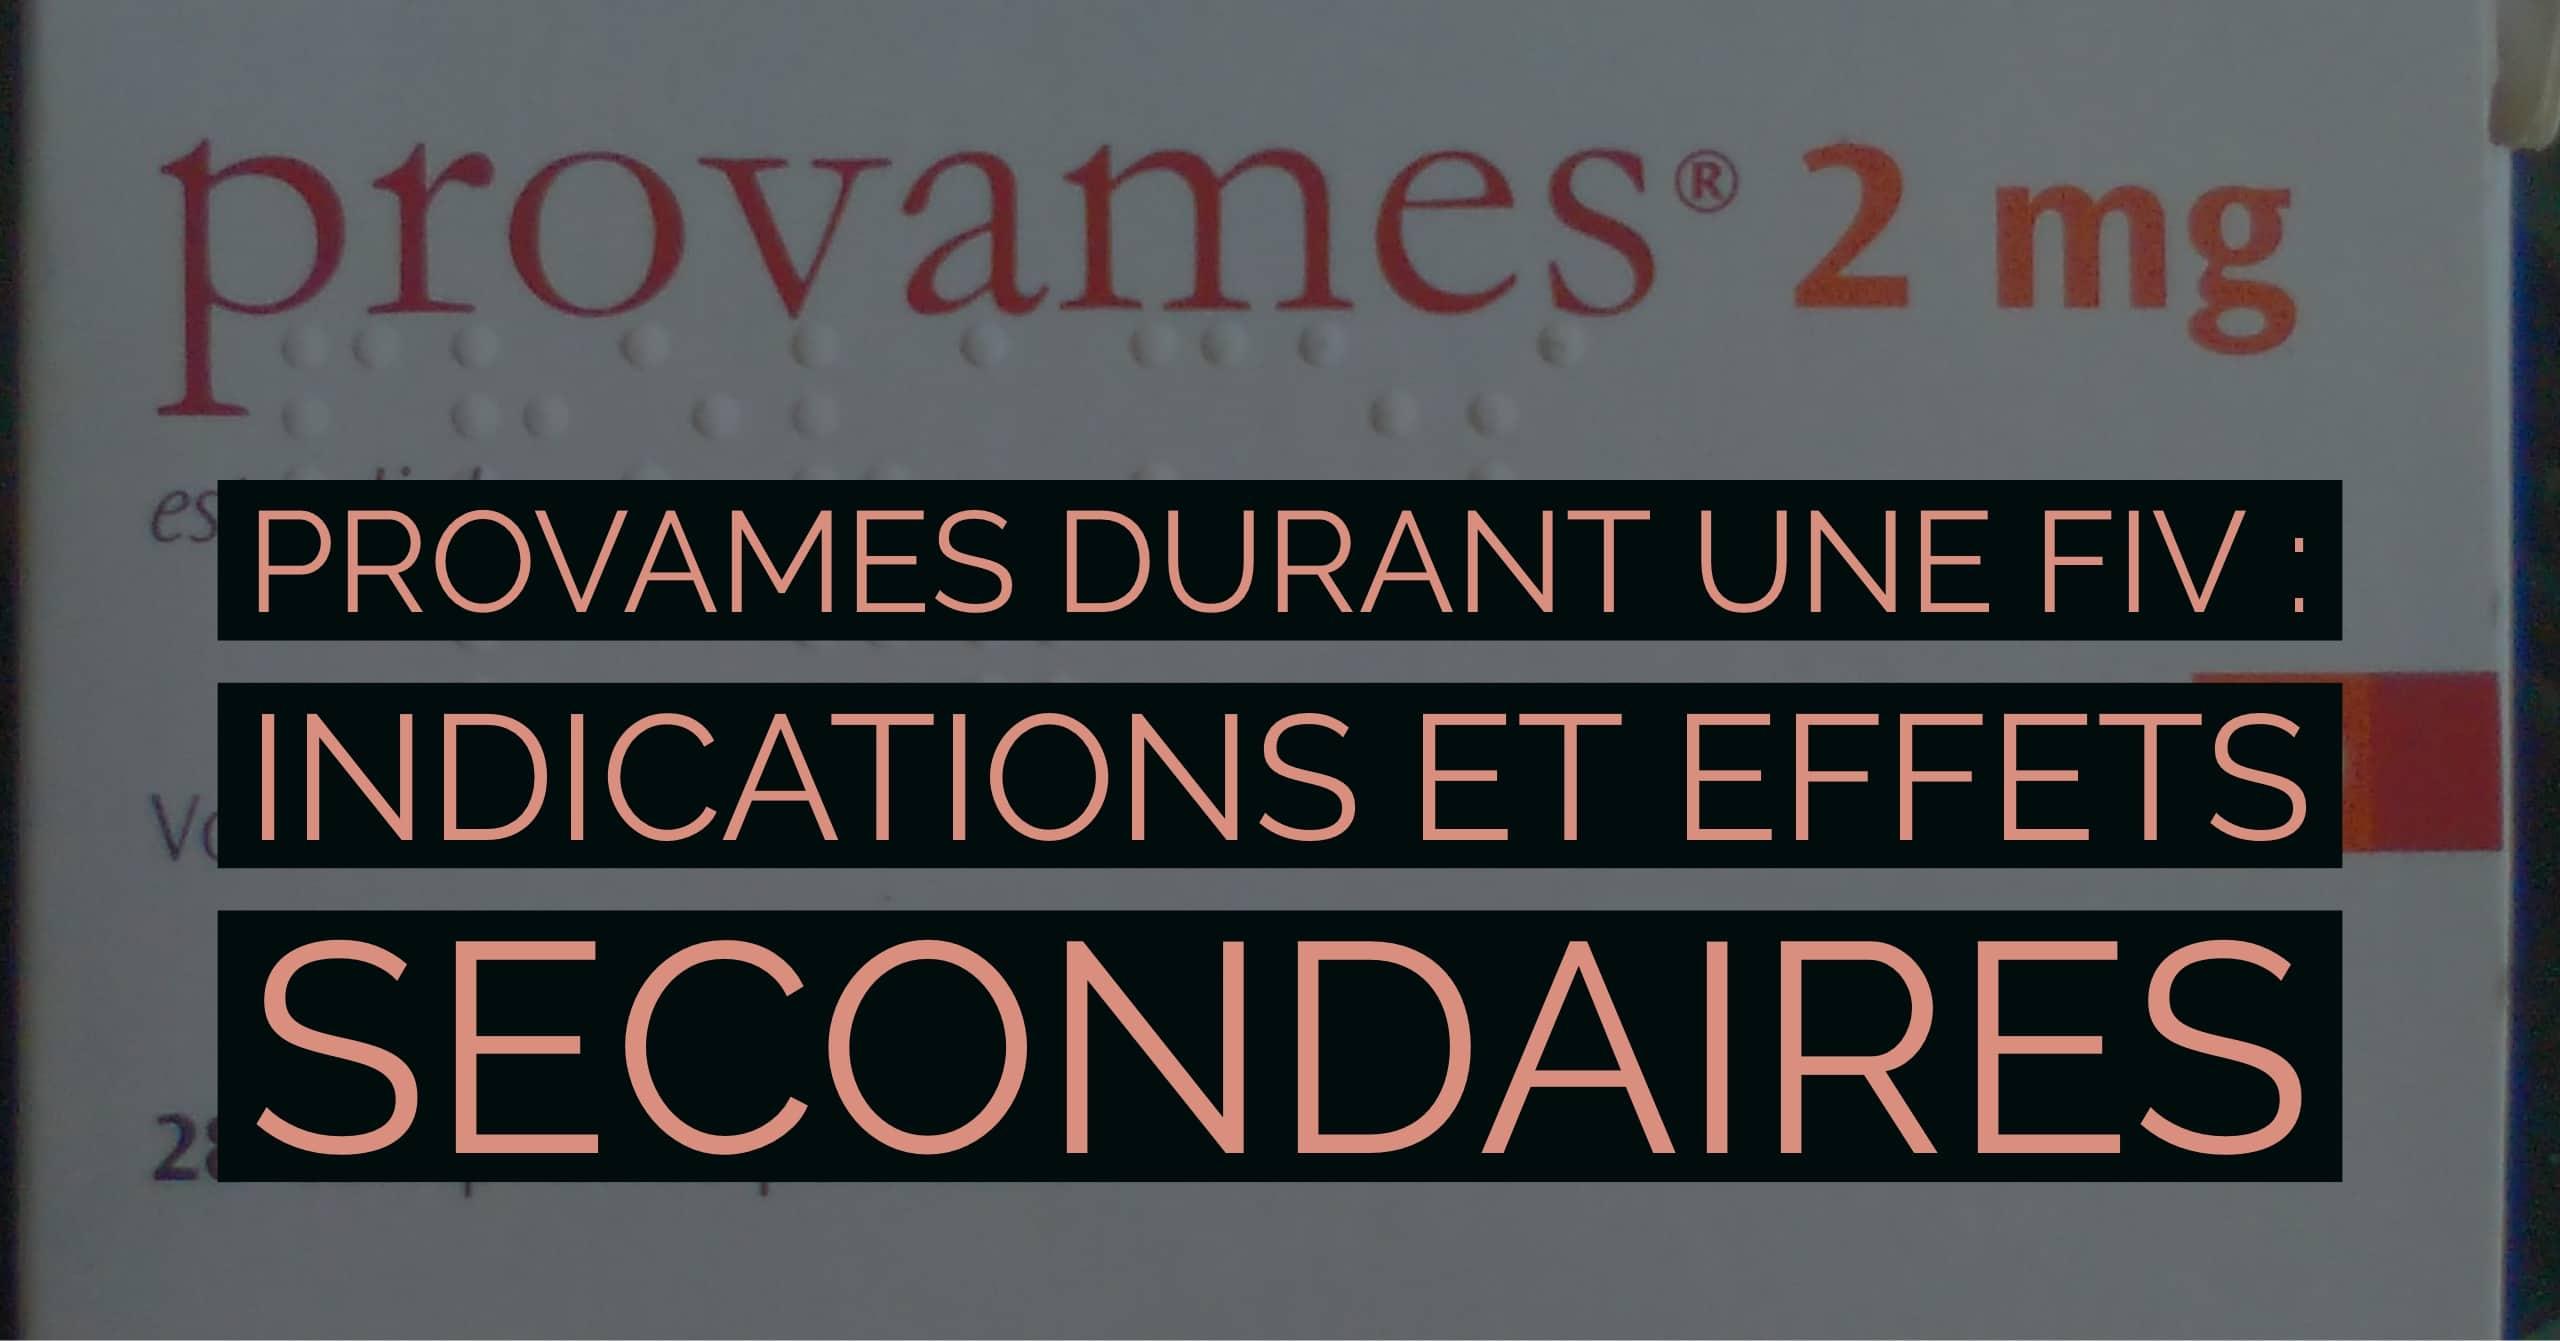 Provames durant une FIV : Indications en effets secondaires • Fiv.fr